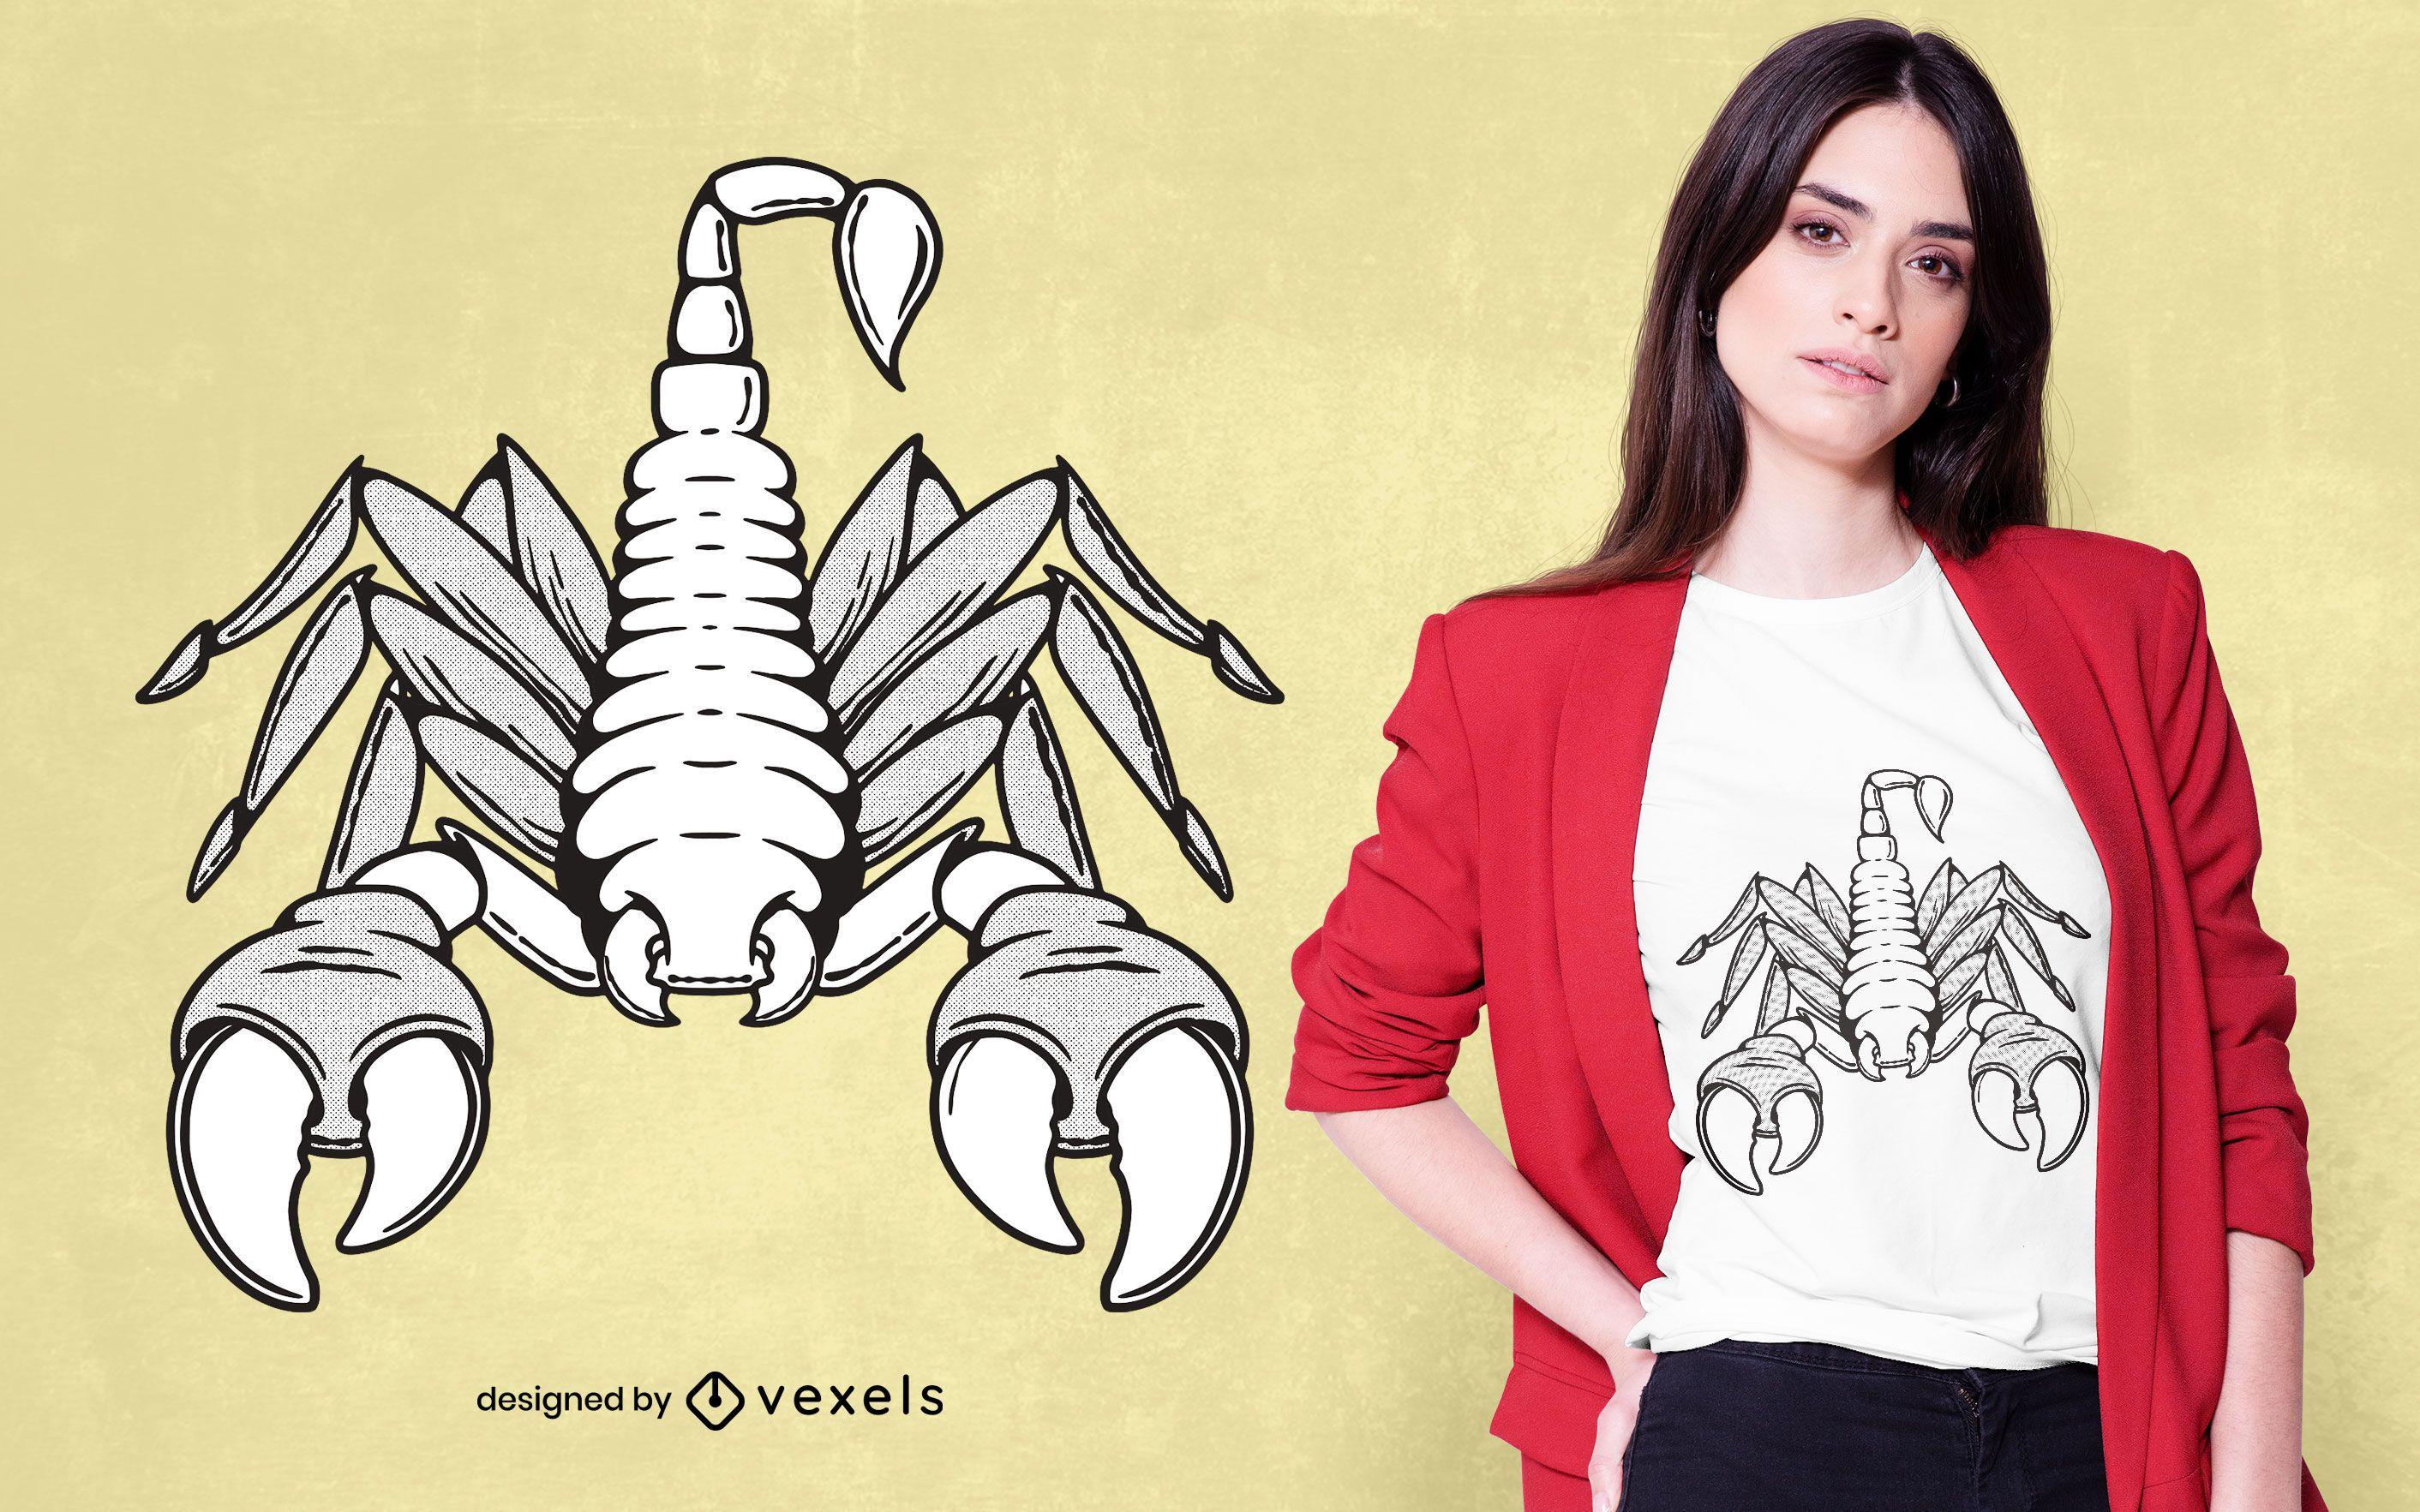 Diseño de camiseta de escorpión blanco y negro.